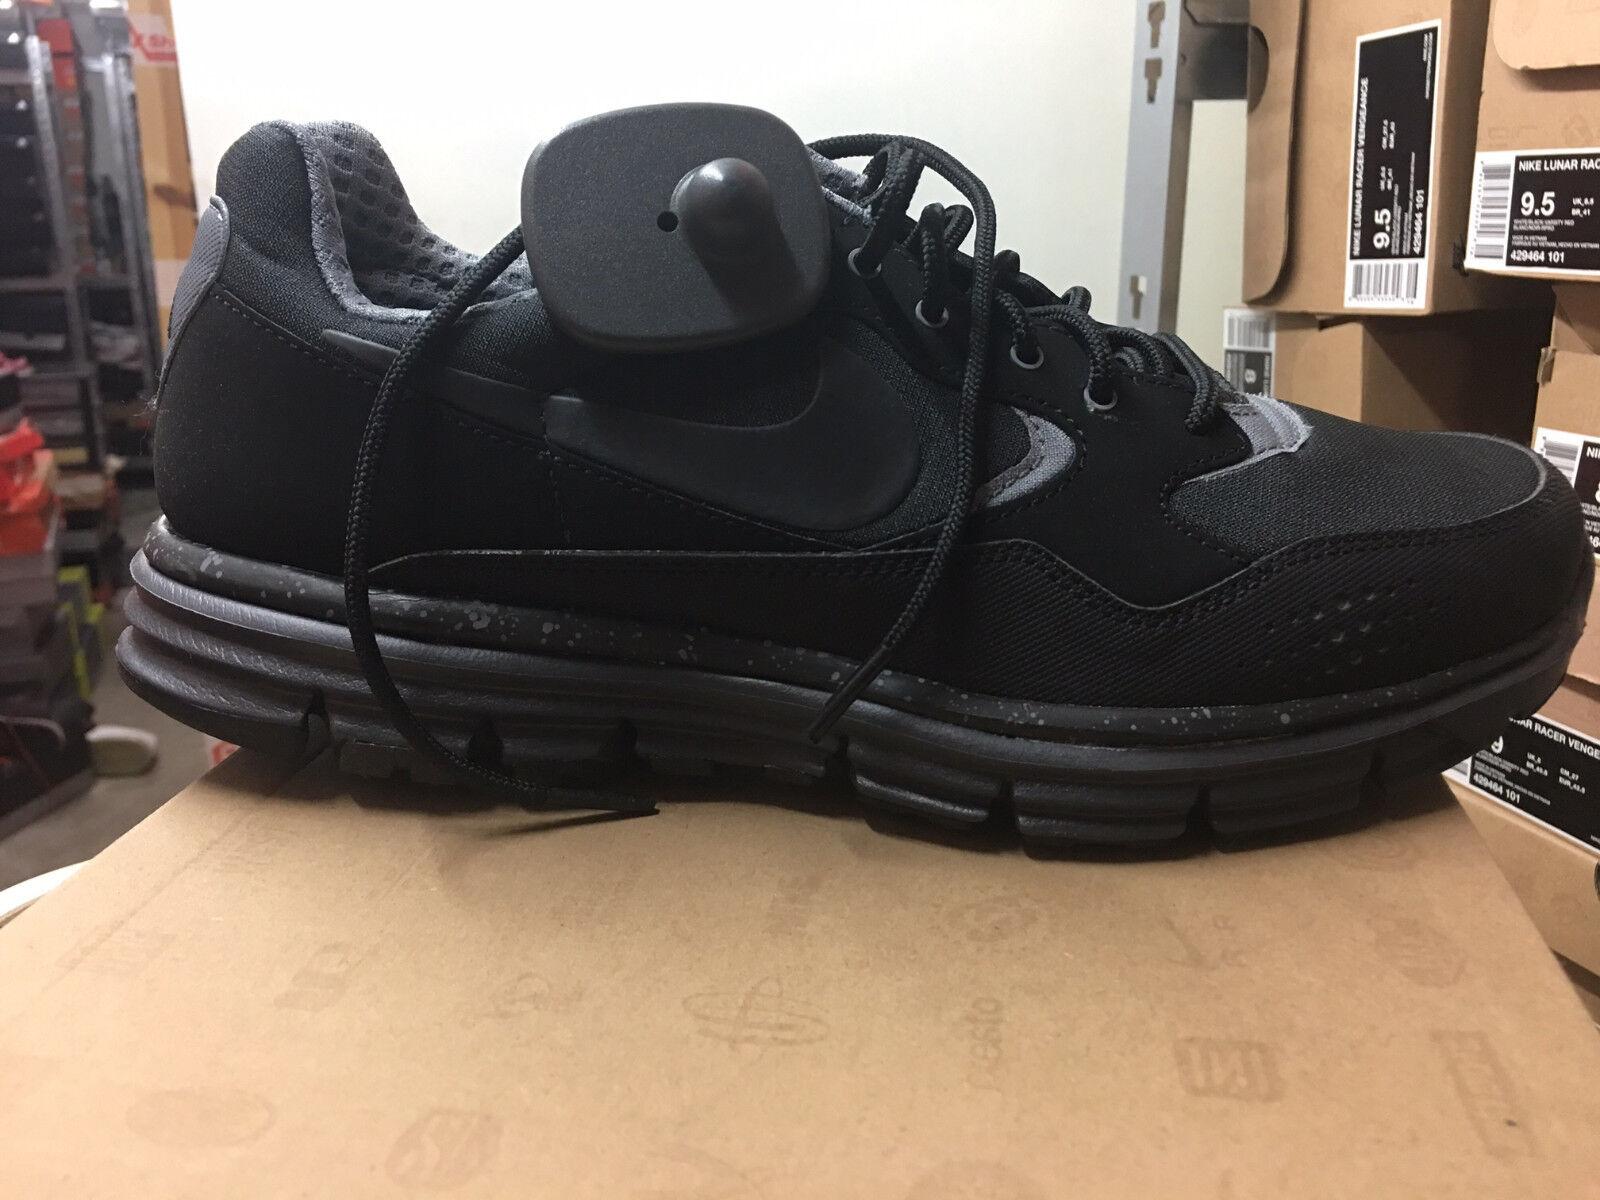 NIKE Lunar Wood+ Sneaker Schuhe Gr:42 Black-Grey Trendiger Alltags Schuh Neu